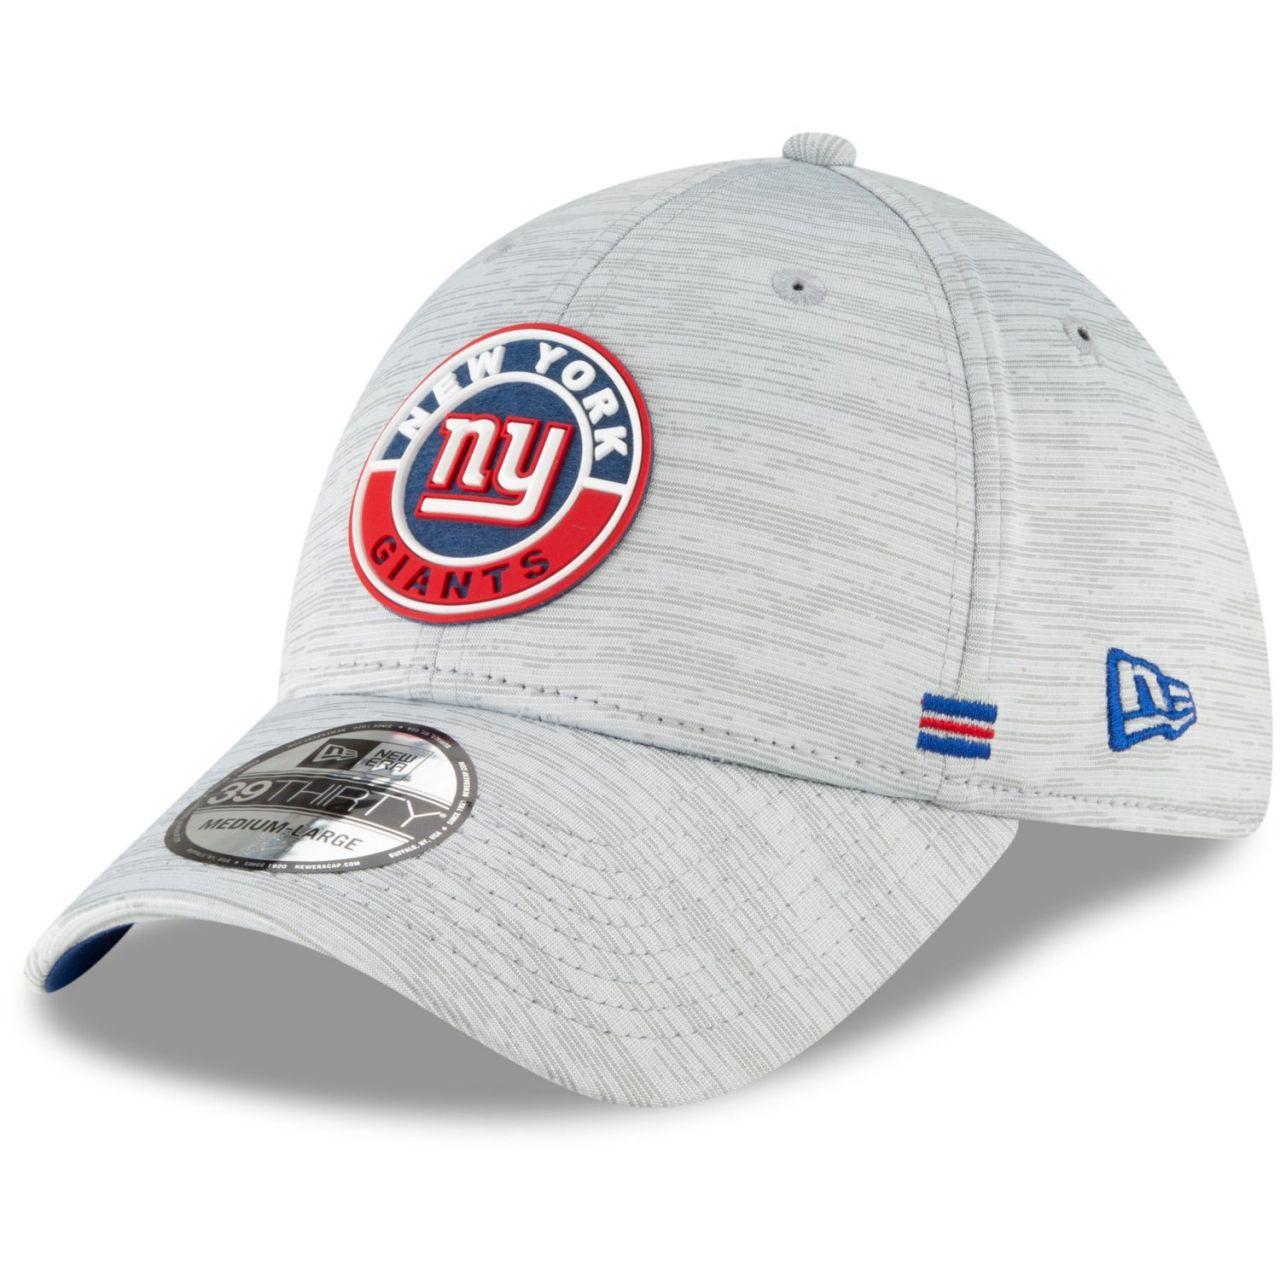 amfoo - New Era 39Thirty Cap - SIDELINE 2020 New York Giants